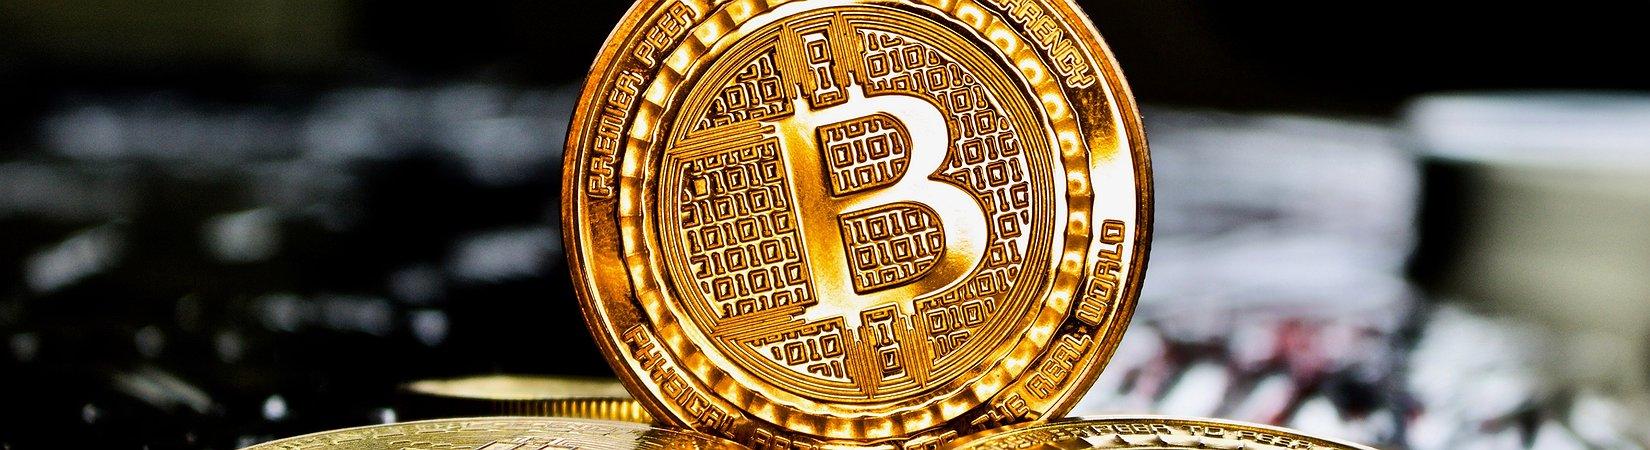 Биткоин может заменить золото через несколько лет